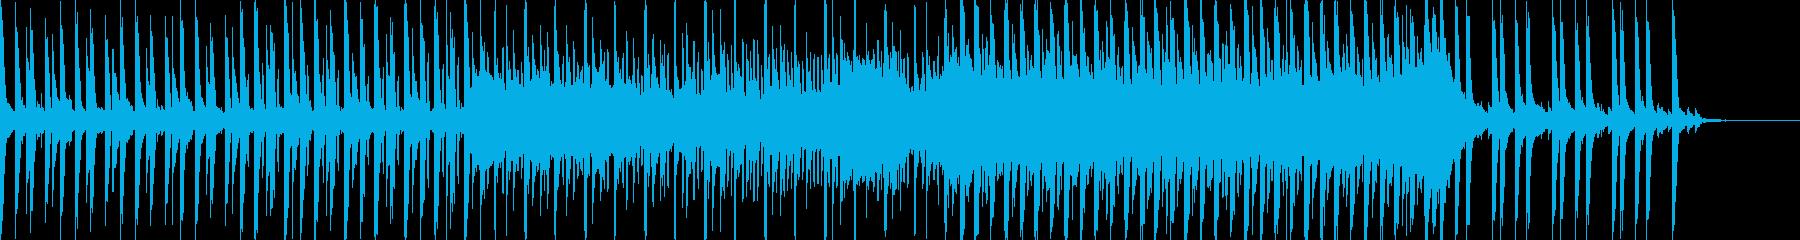 映像に、落ち着いたFuturePop1bの再生済みの波形